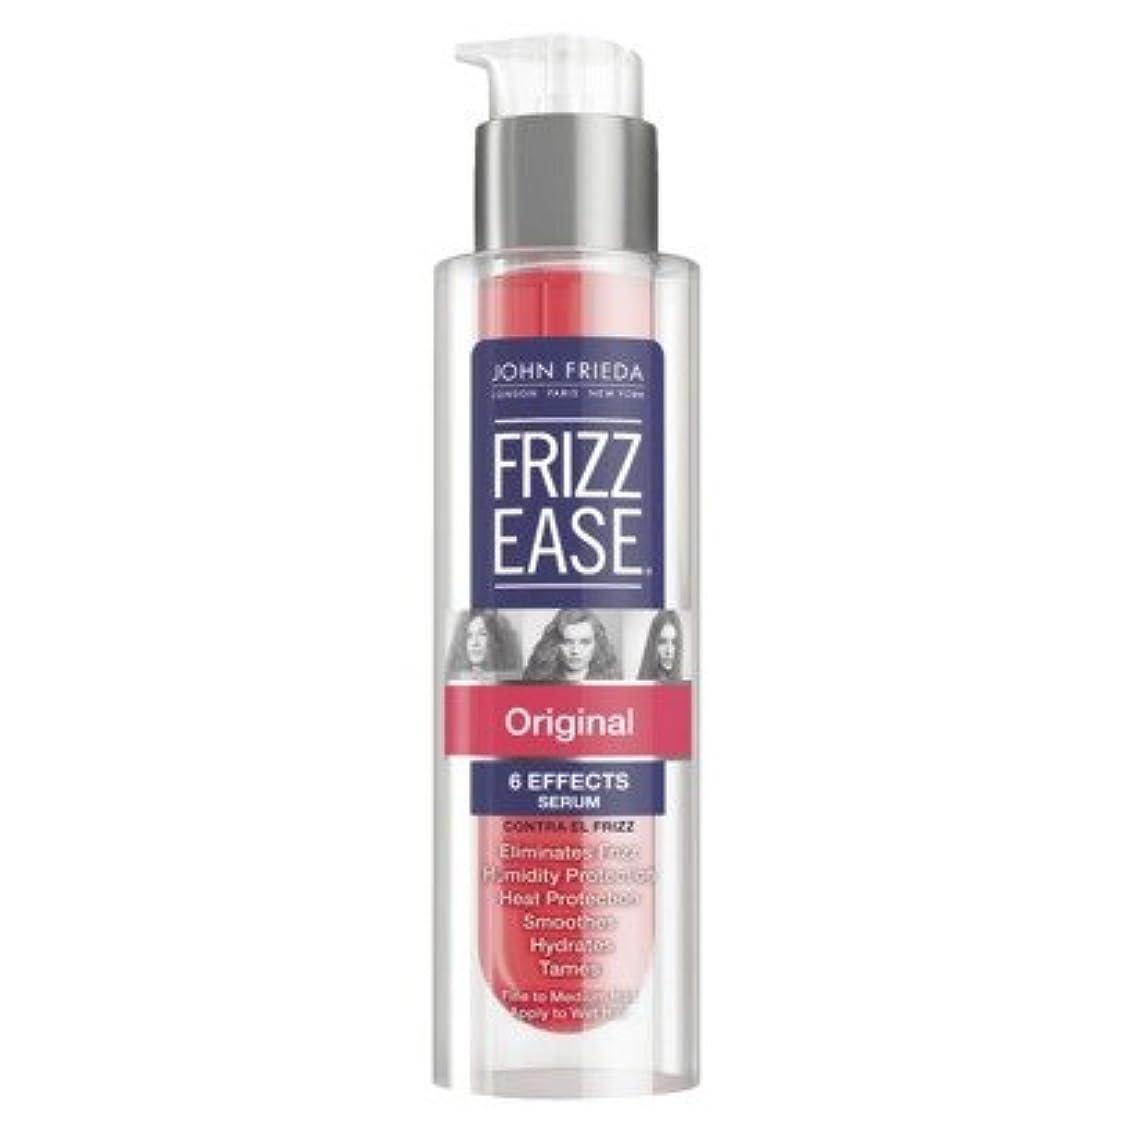 保存むちゃくちゃ石油John Frieda Frizz-Ease Hair Serum, Original Formula - 1.69 fl oz (49ml)